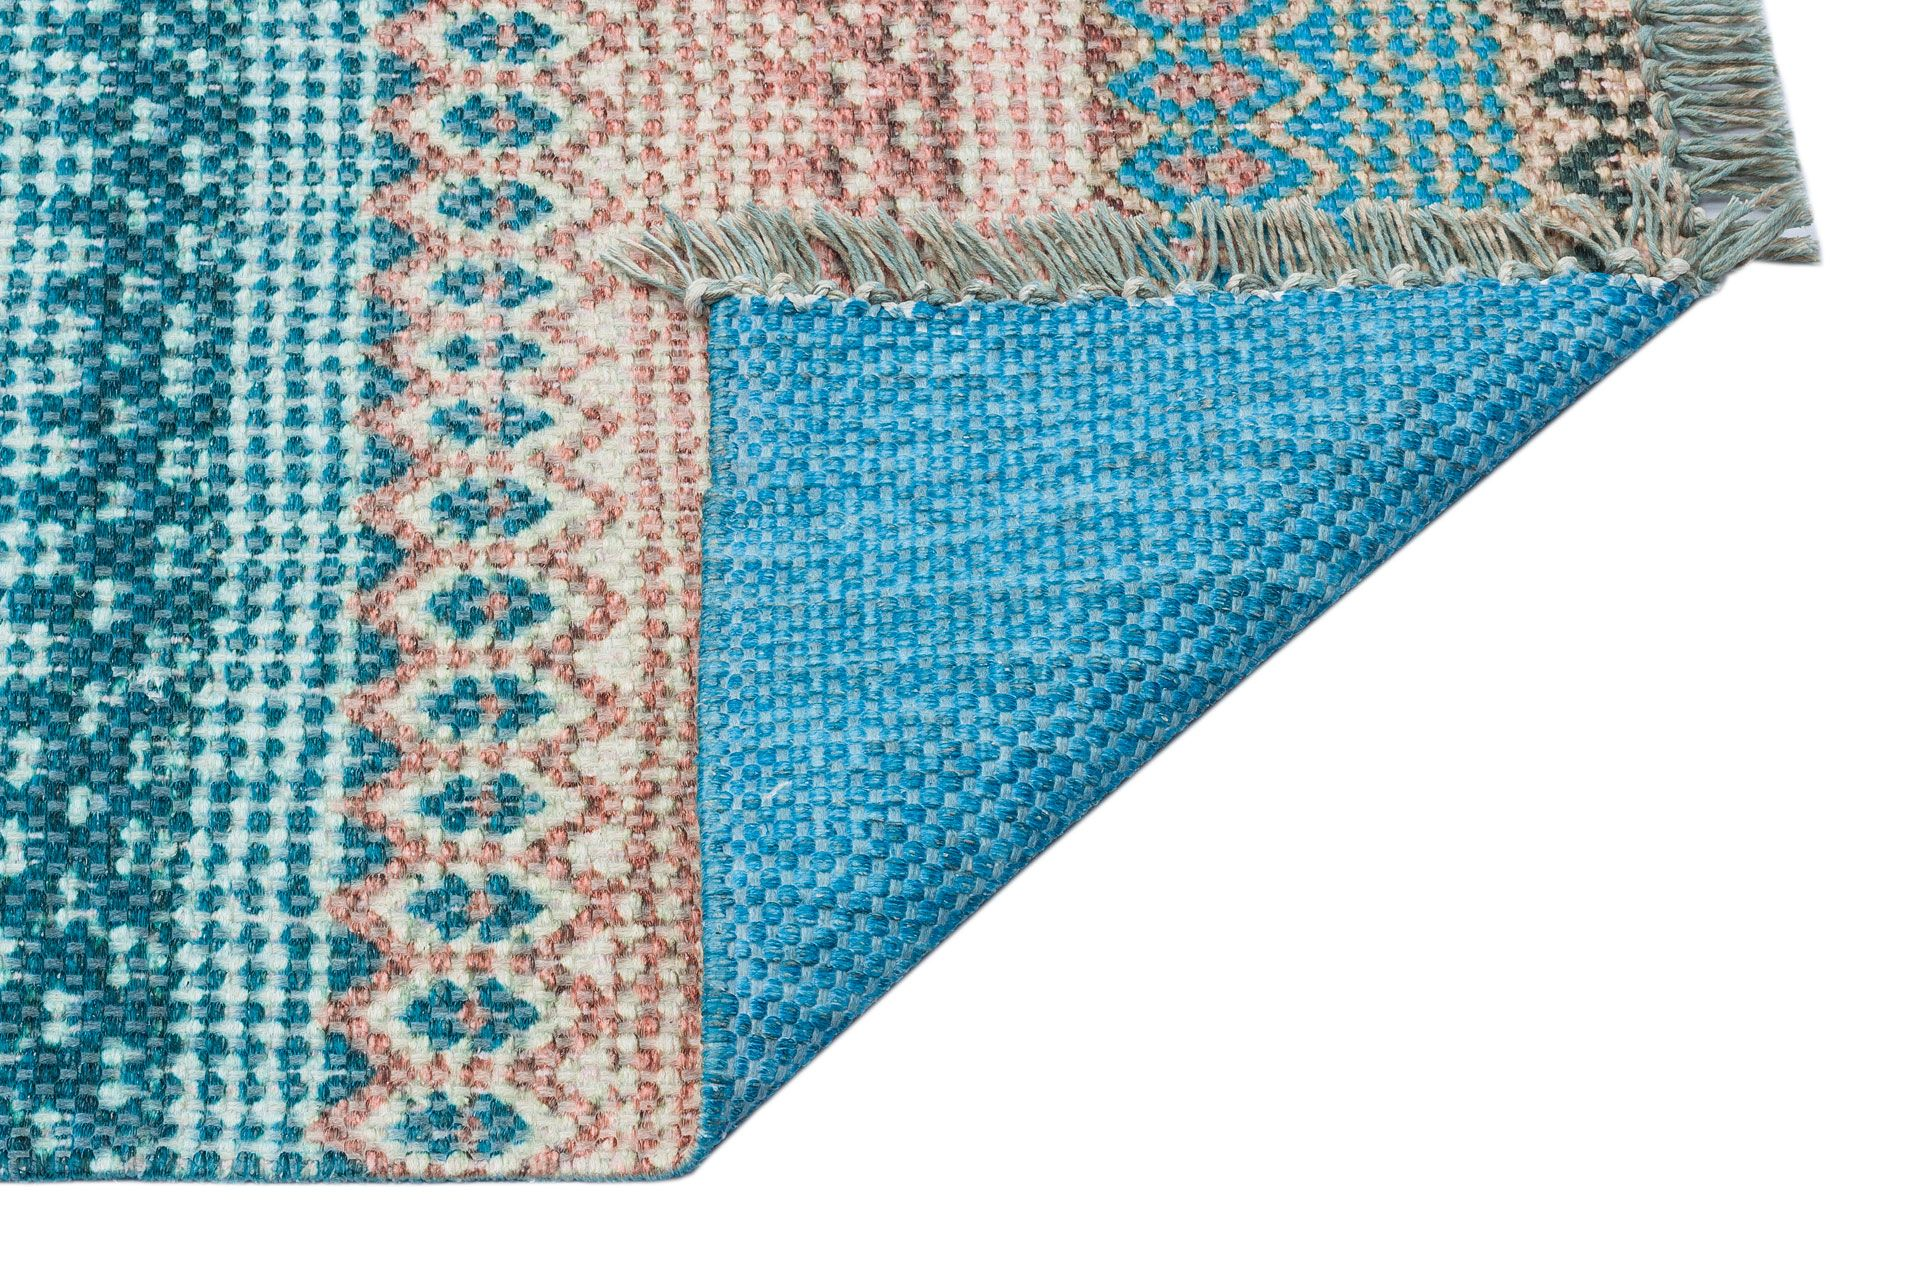 MARİNE MR 04 BLUE ÇİFT TARAFLI BASKI KİLİM 120X180